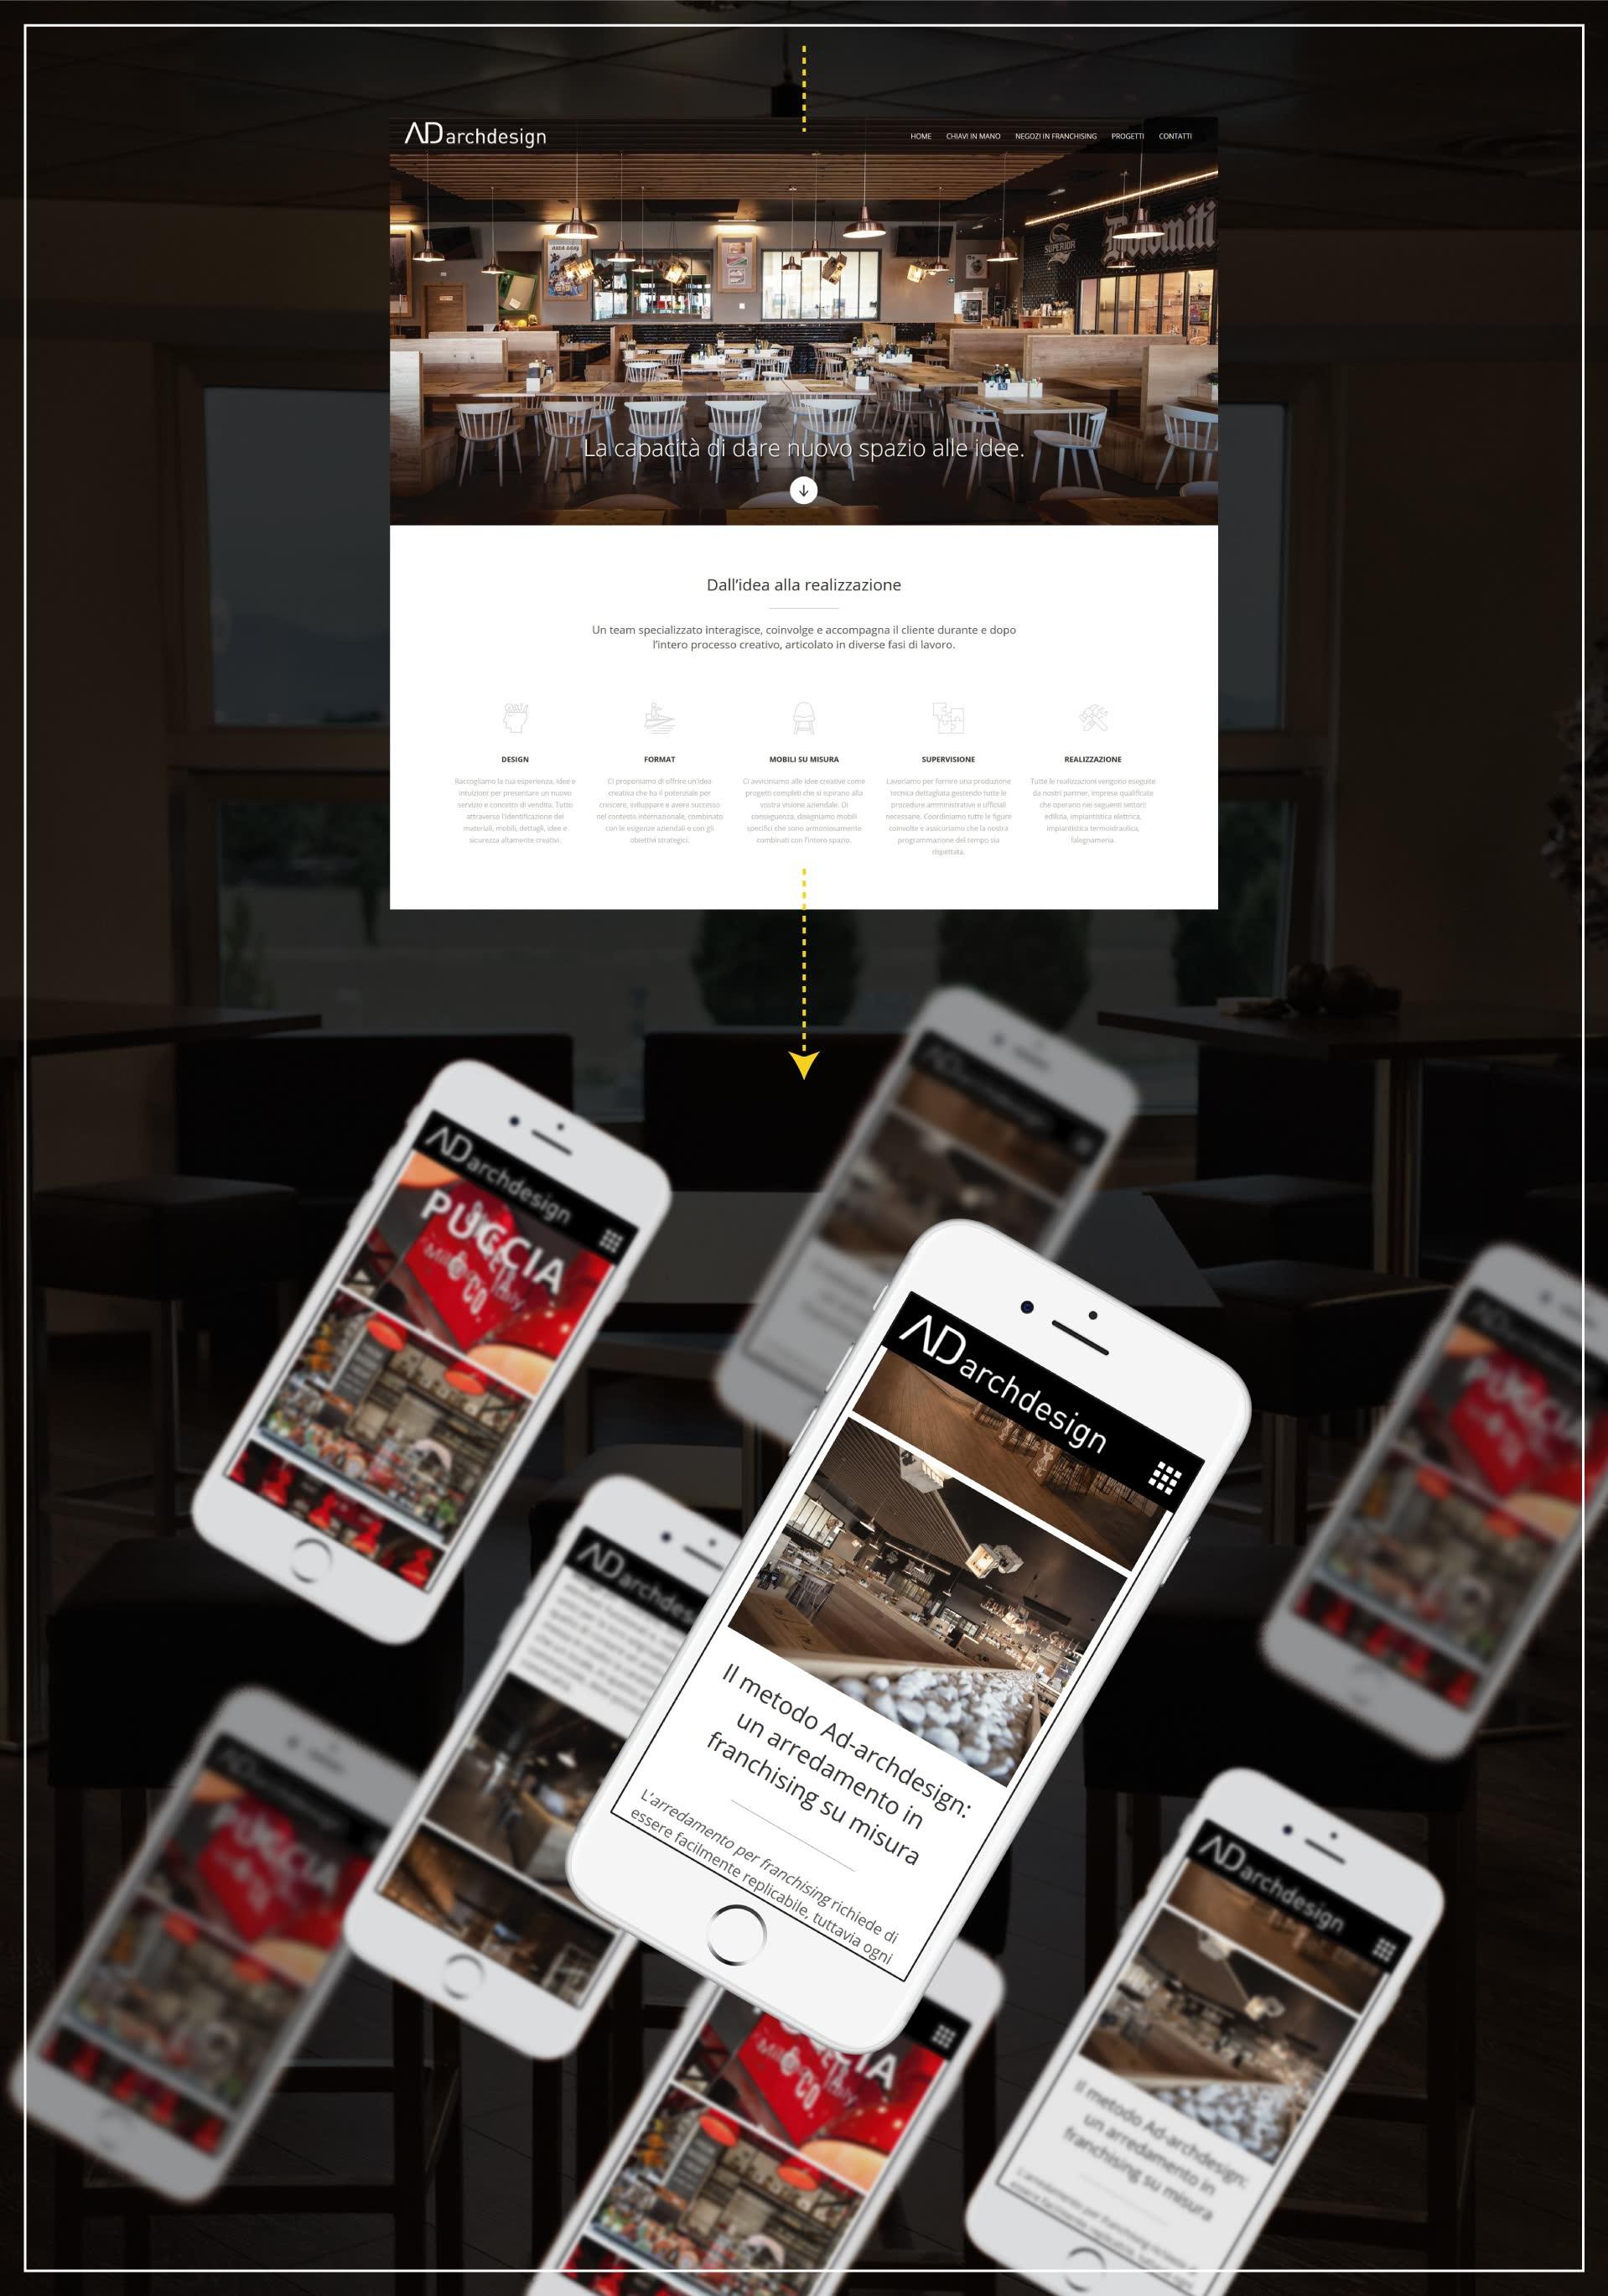 Sito web e seo Ad ArchDesign